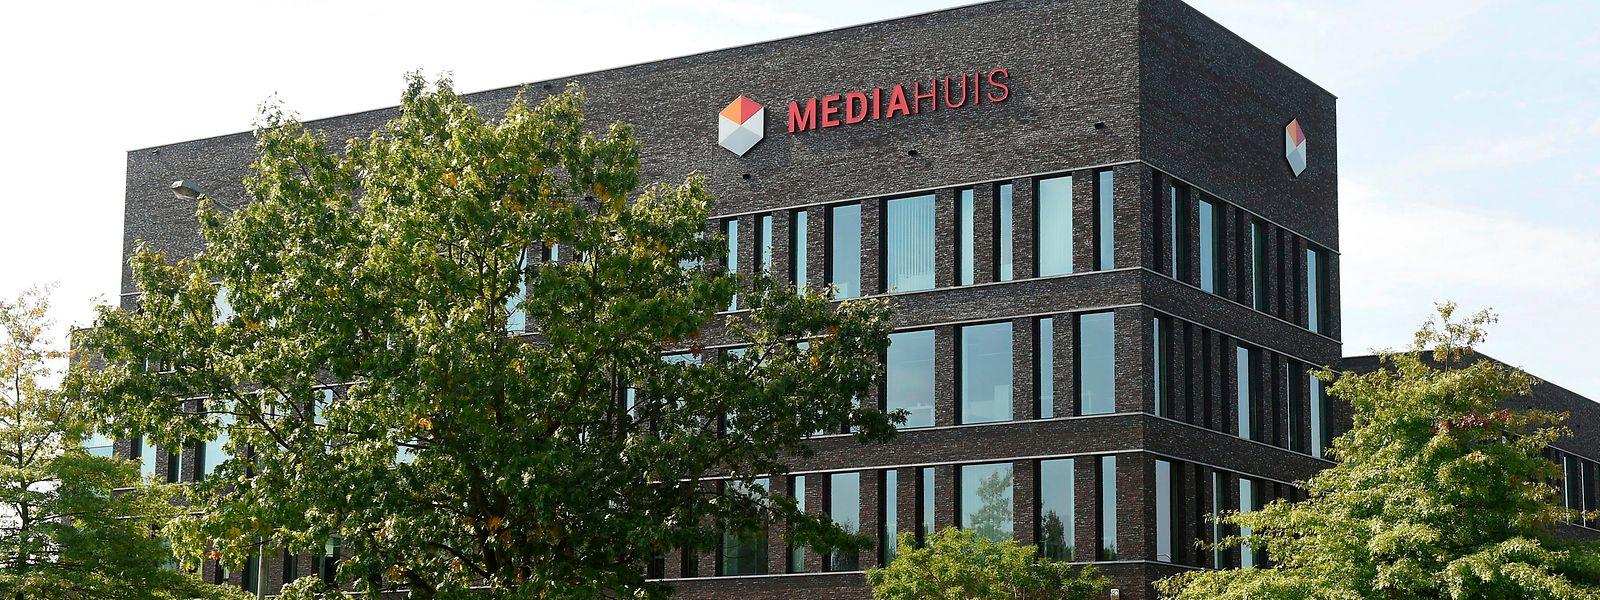 Pour Mediahuis l'acquisition de Saint-Paul Luxembourg signifie un renforcement de sa position d'acteur multimédia Benelux-Irlandais.